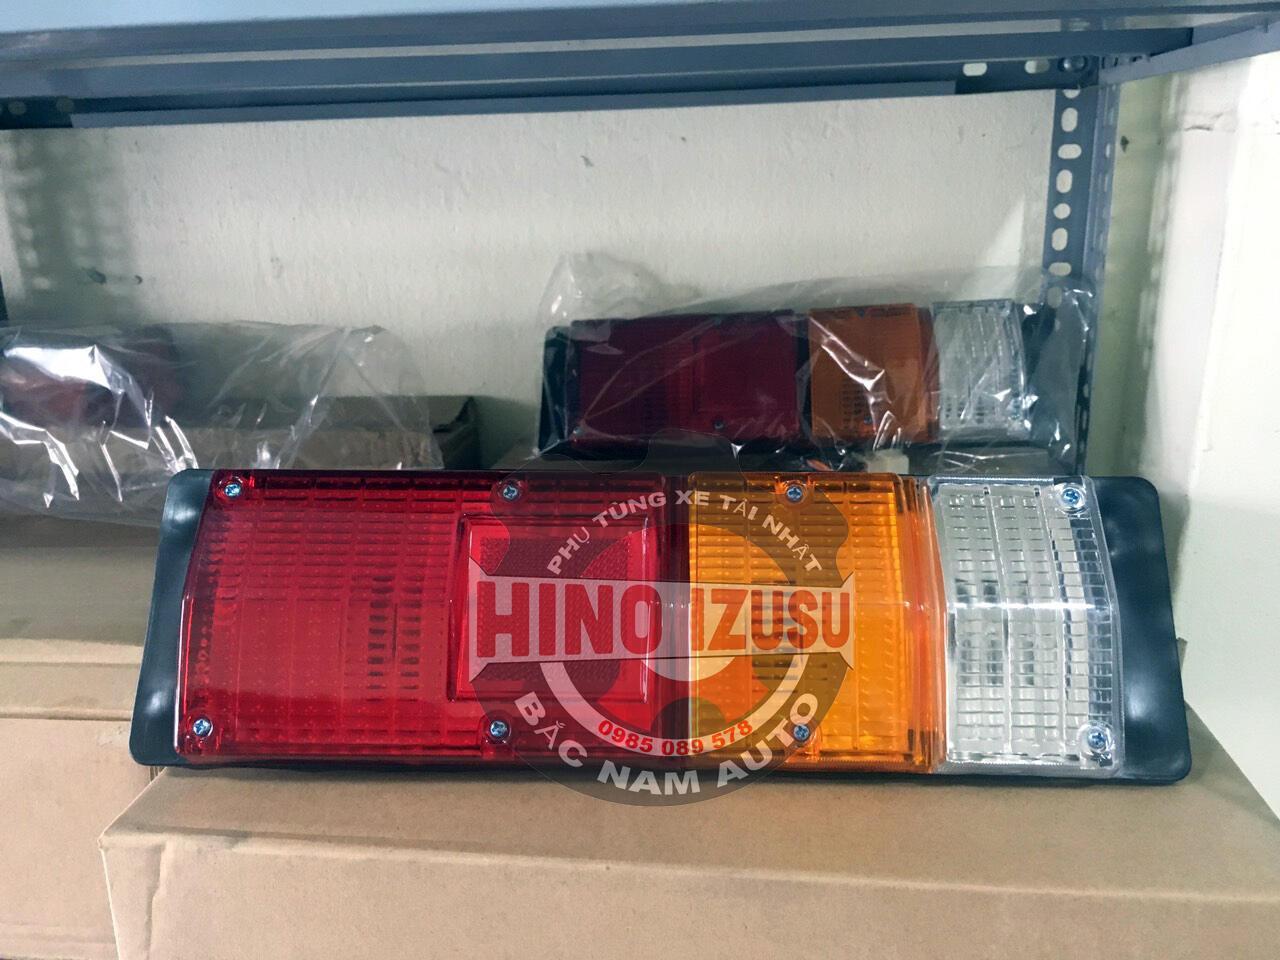 ĐÈN HẬU XE TẢI HINO 300 WU, 300 DUTRO